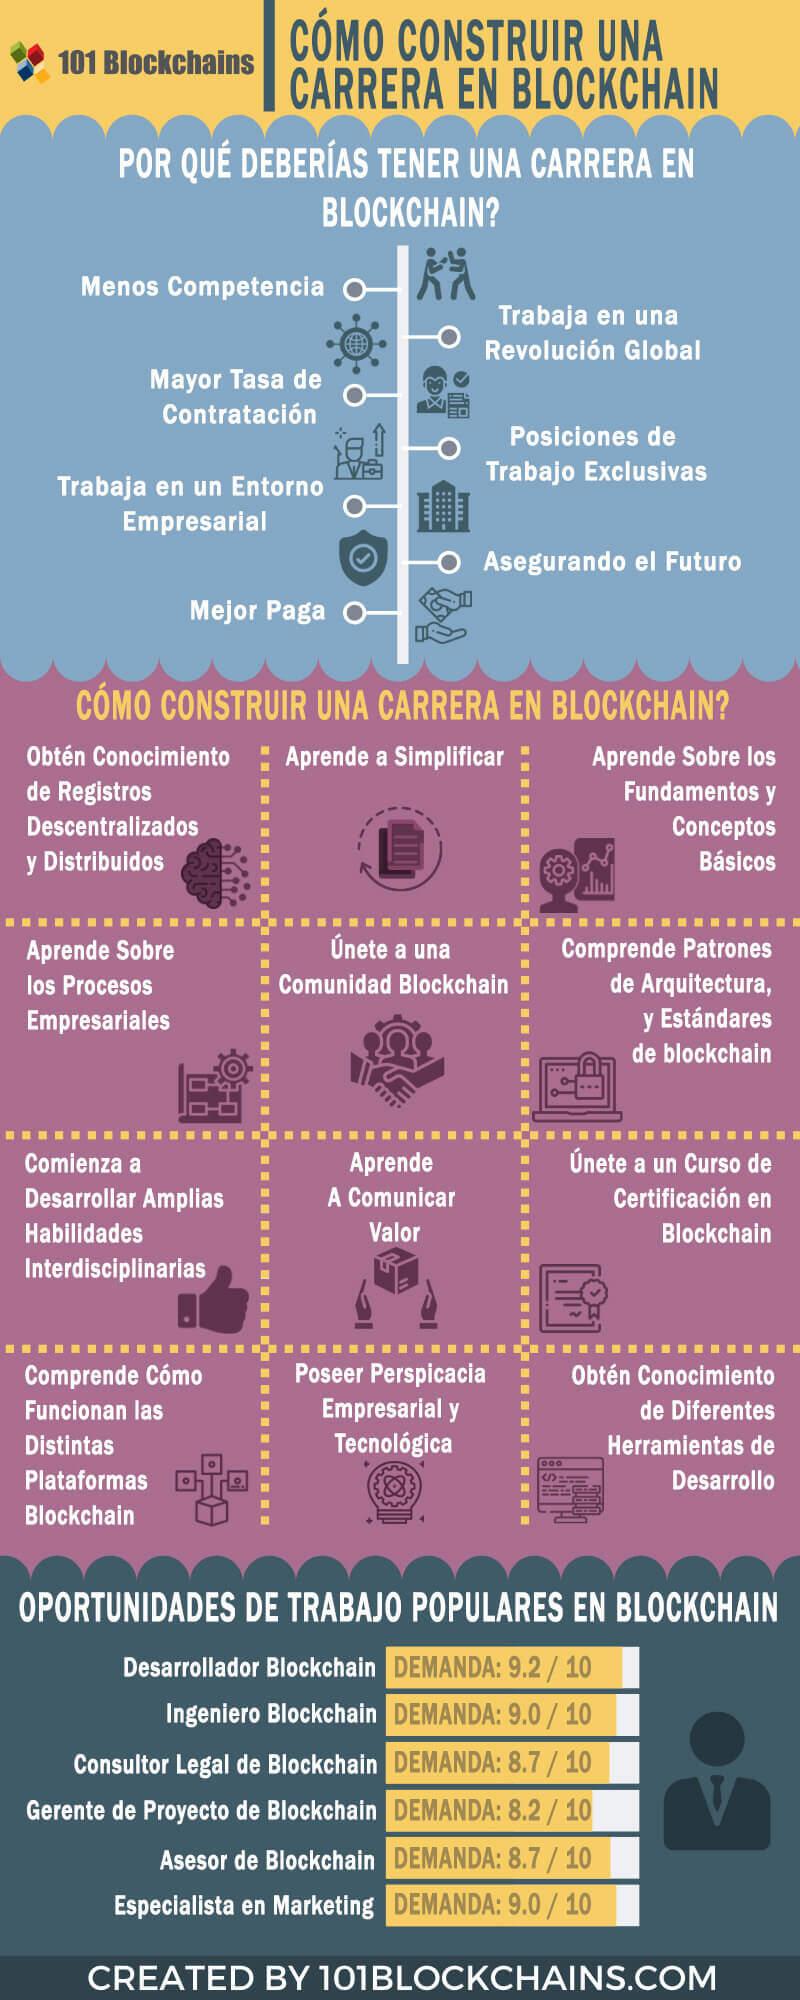 CÓMO CONSTRUIR UNA CARRERA EN BLOCKCHAIN